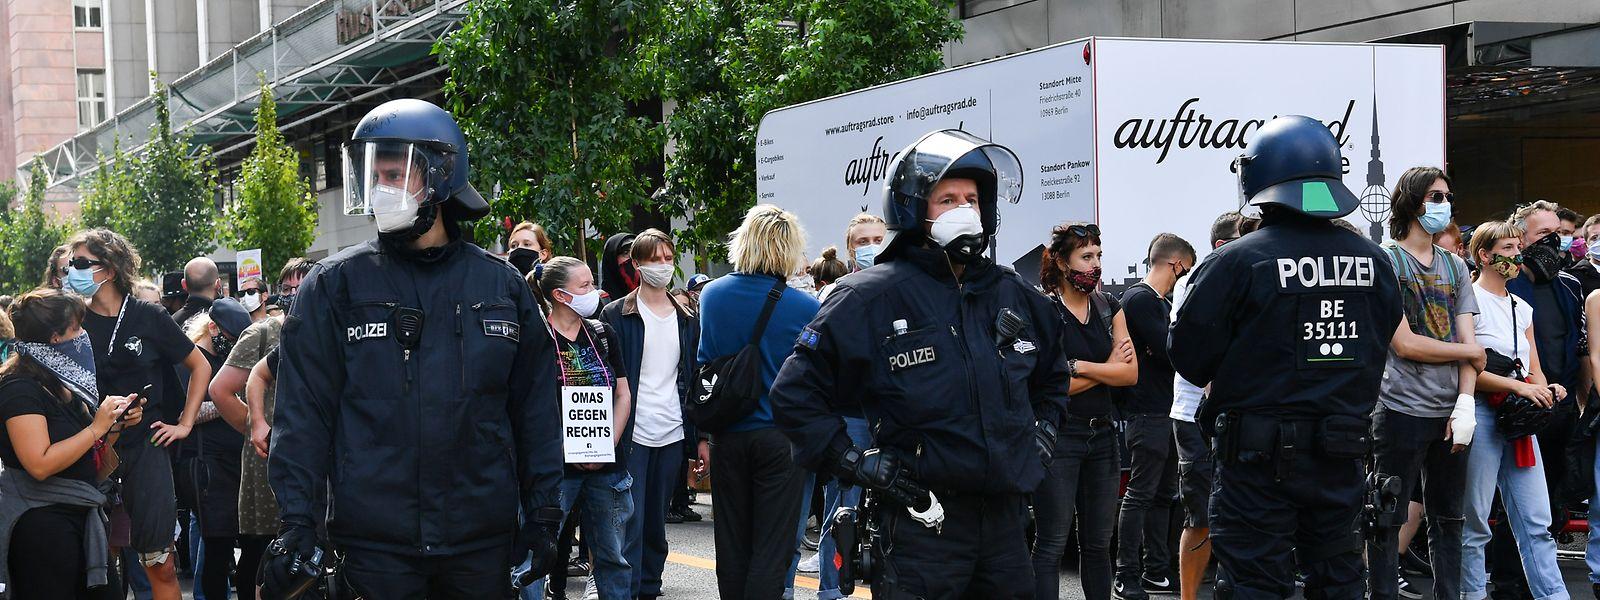 Teilnehmer einer Gegendemonstration einer Kundgebung gegen die Corona-Maßnahmen stehen der Polizei gegenüber.